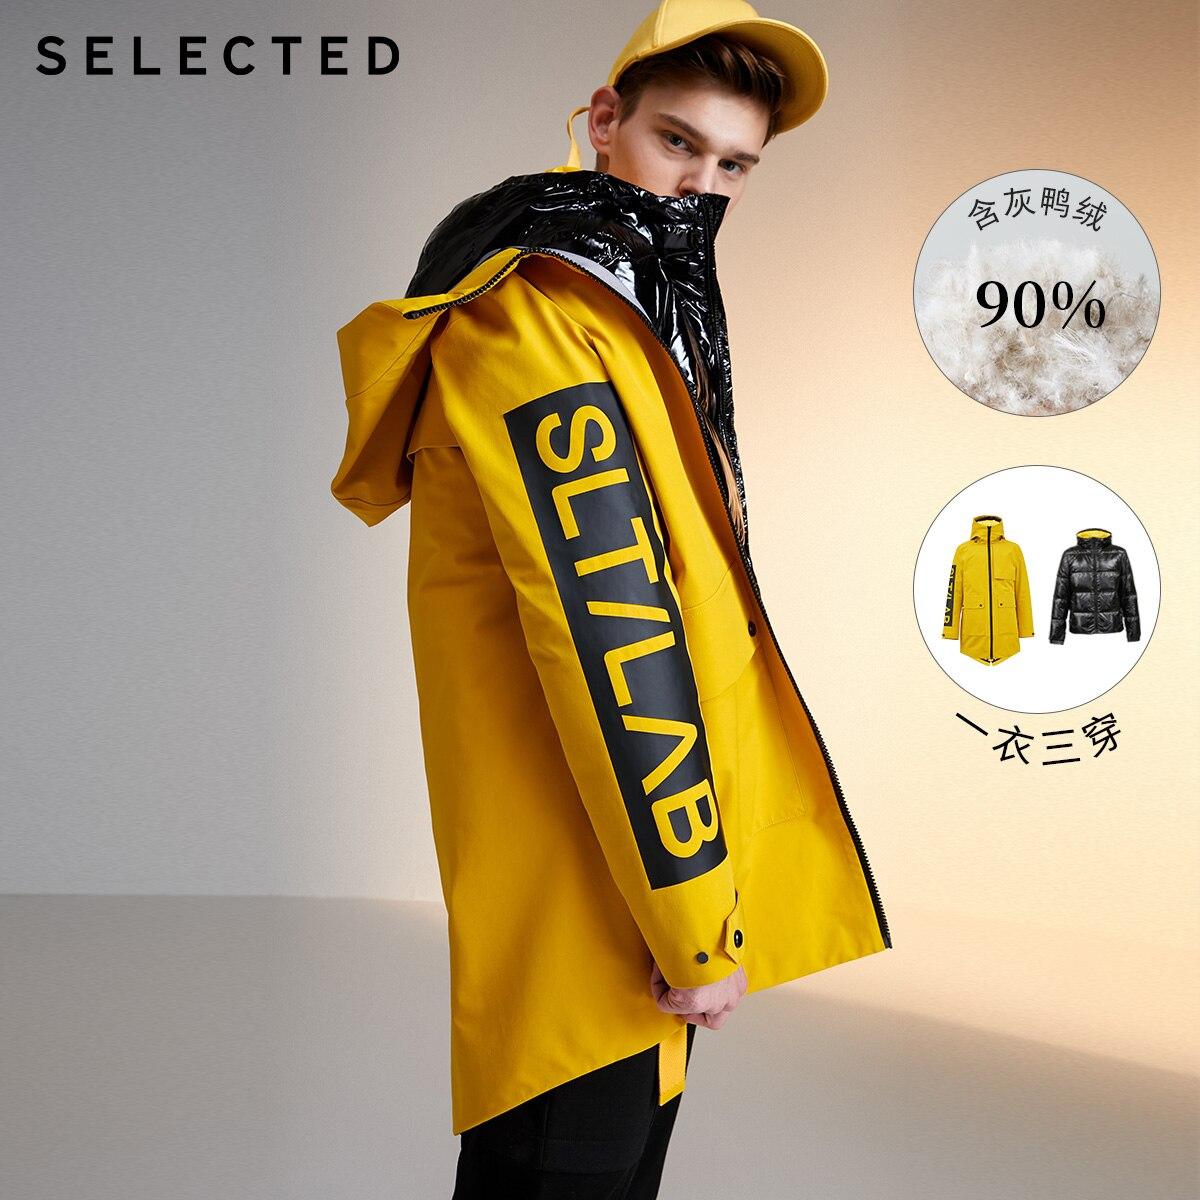 SELECTED Winter Letter Print Detachable Outwar Two-piece Down Jacket Men's New Coat L|419412556